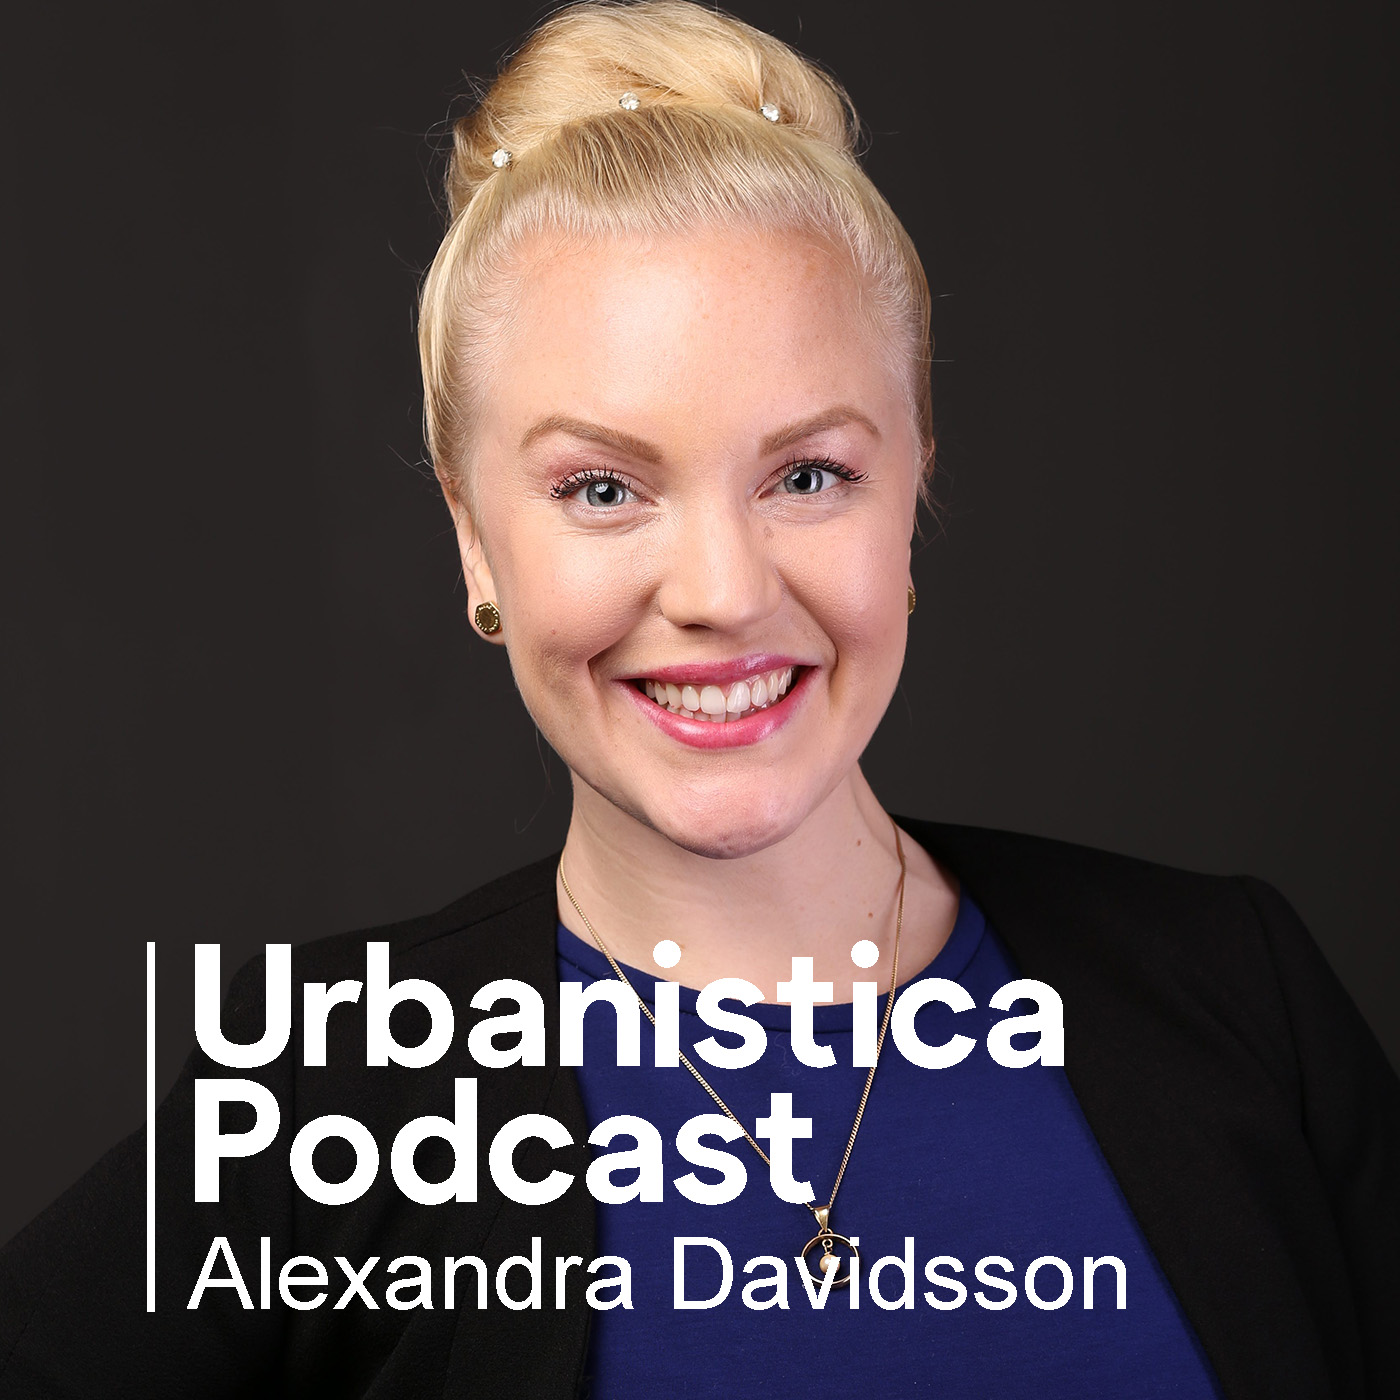 E25. EN. The circular campaign White Monday - Alexandra Davidsson